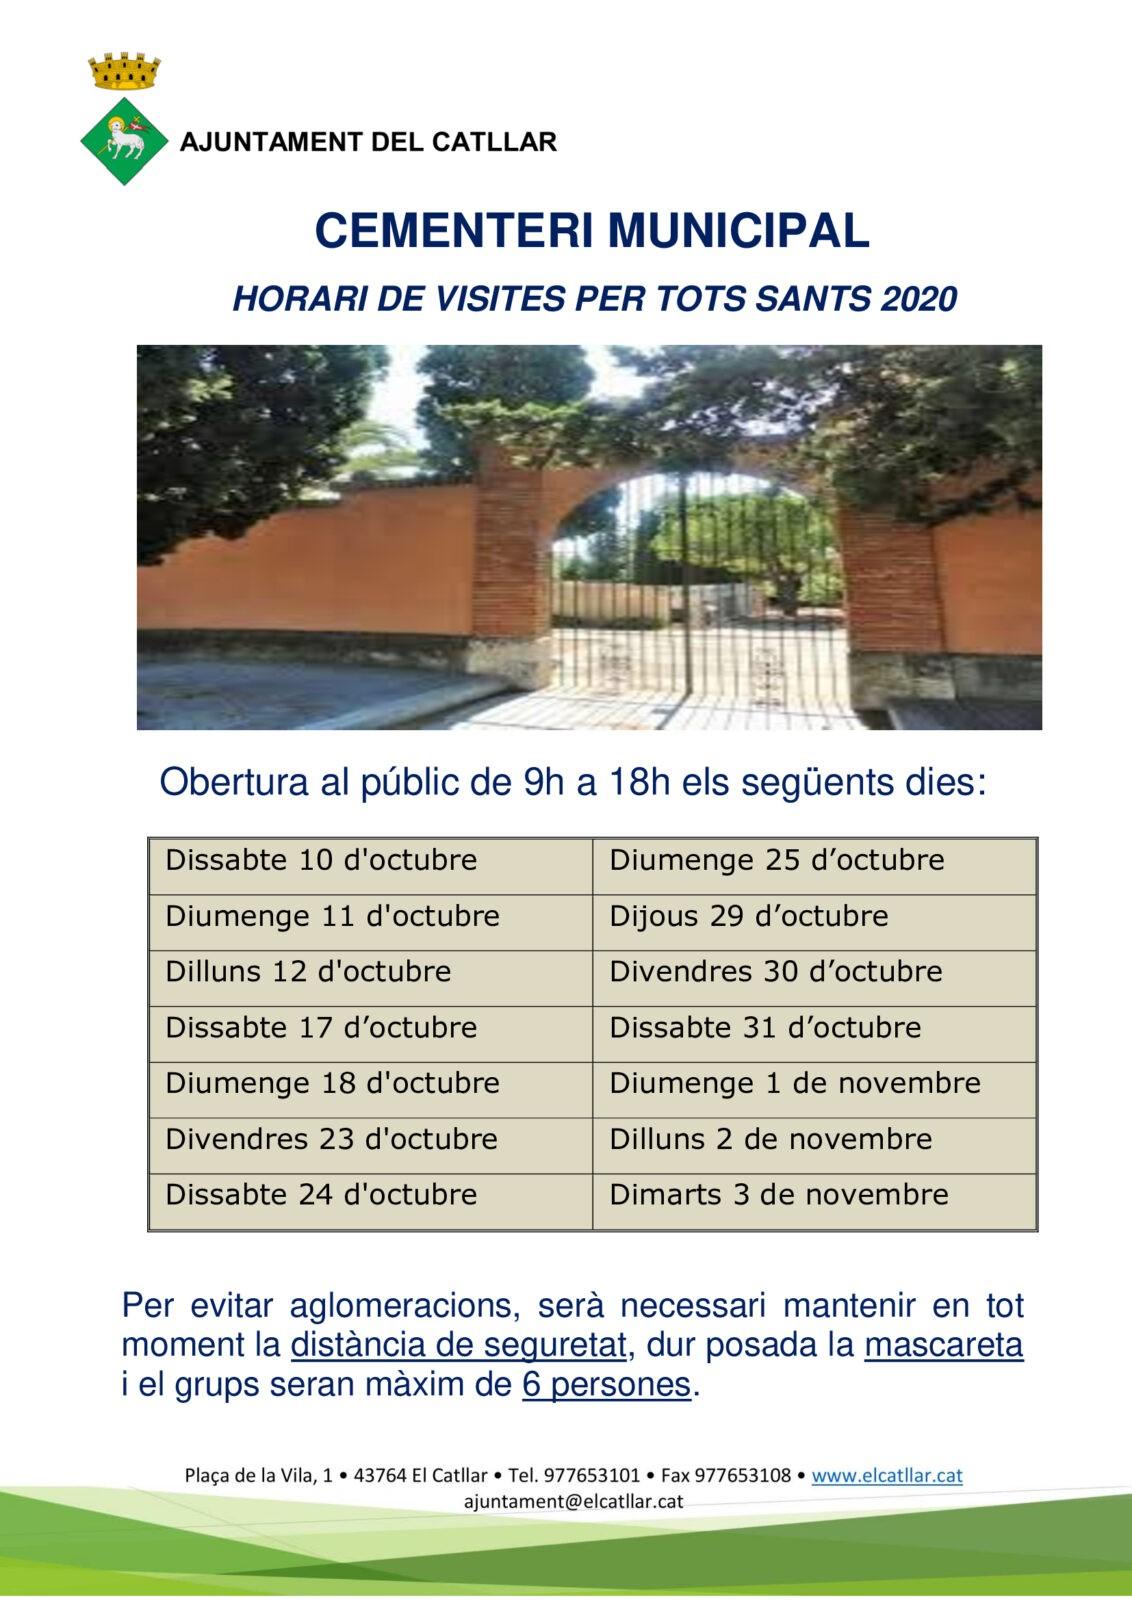 HORARIO CEMENTERIO MUNICIPAL PARA TODOS LOS SANTOS 2020